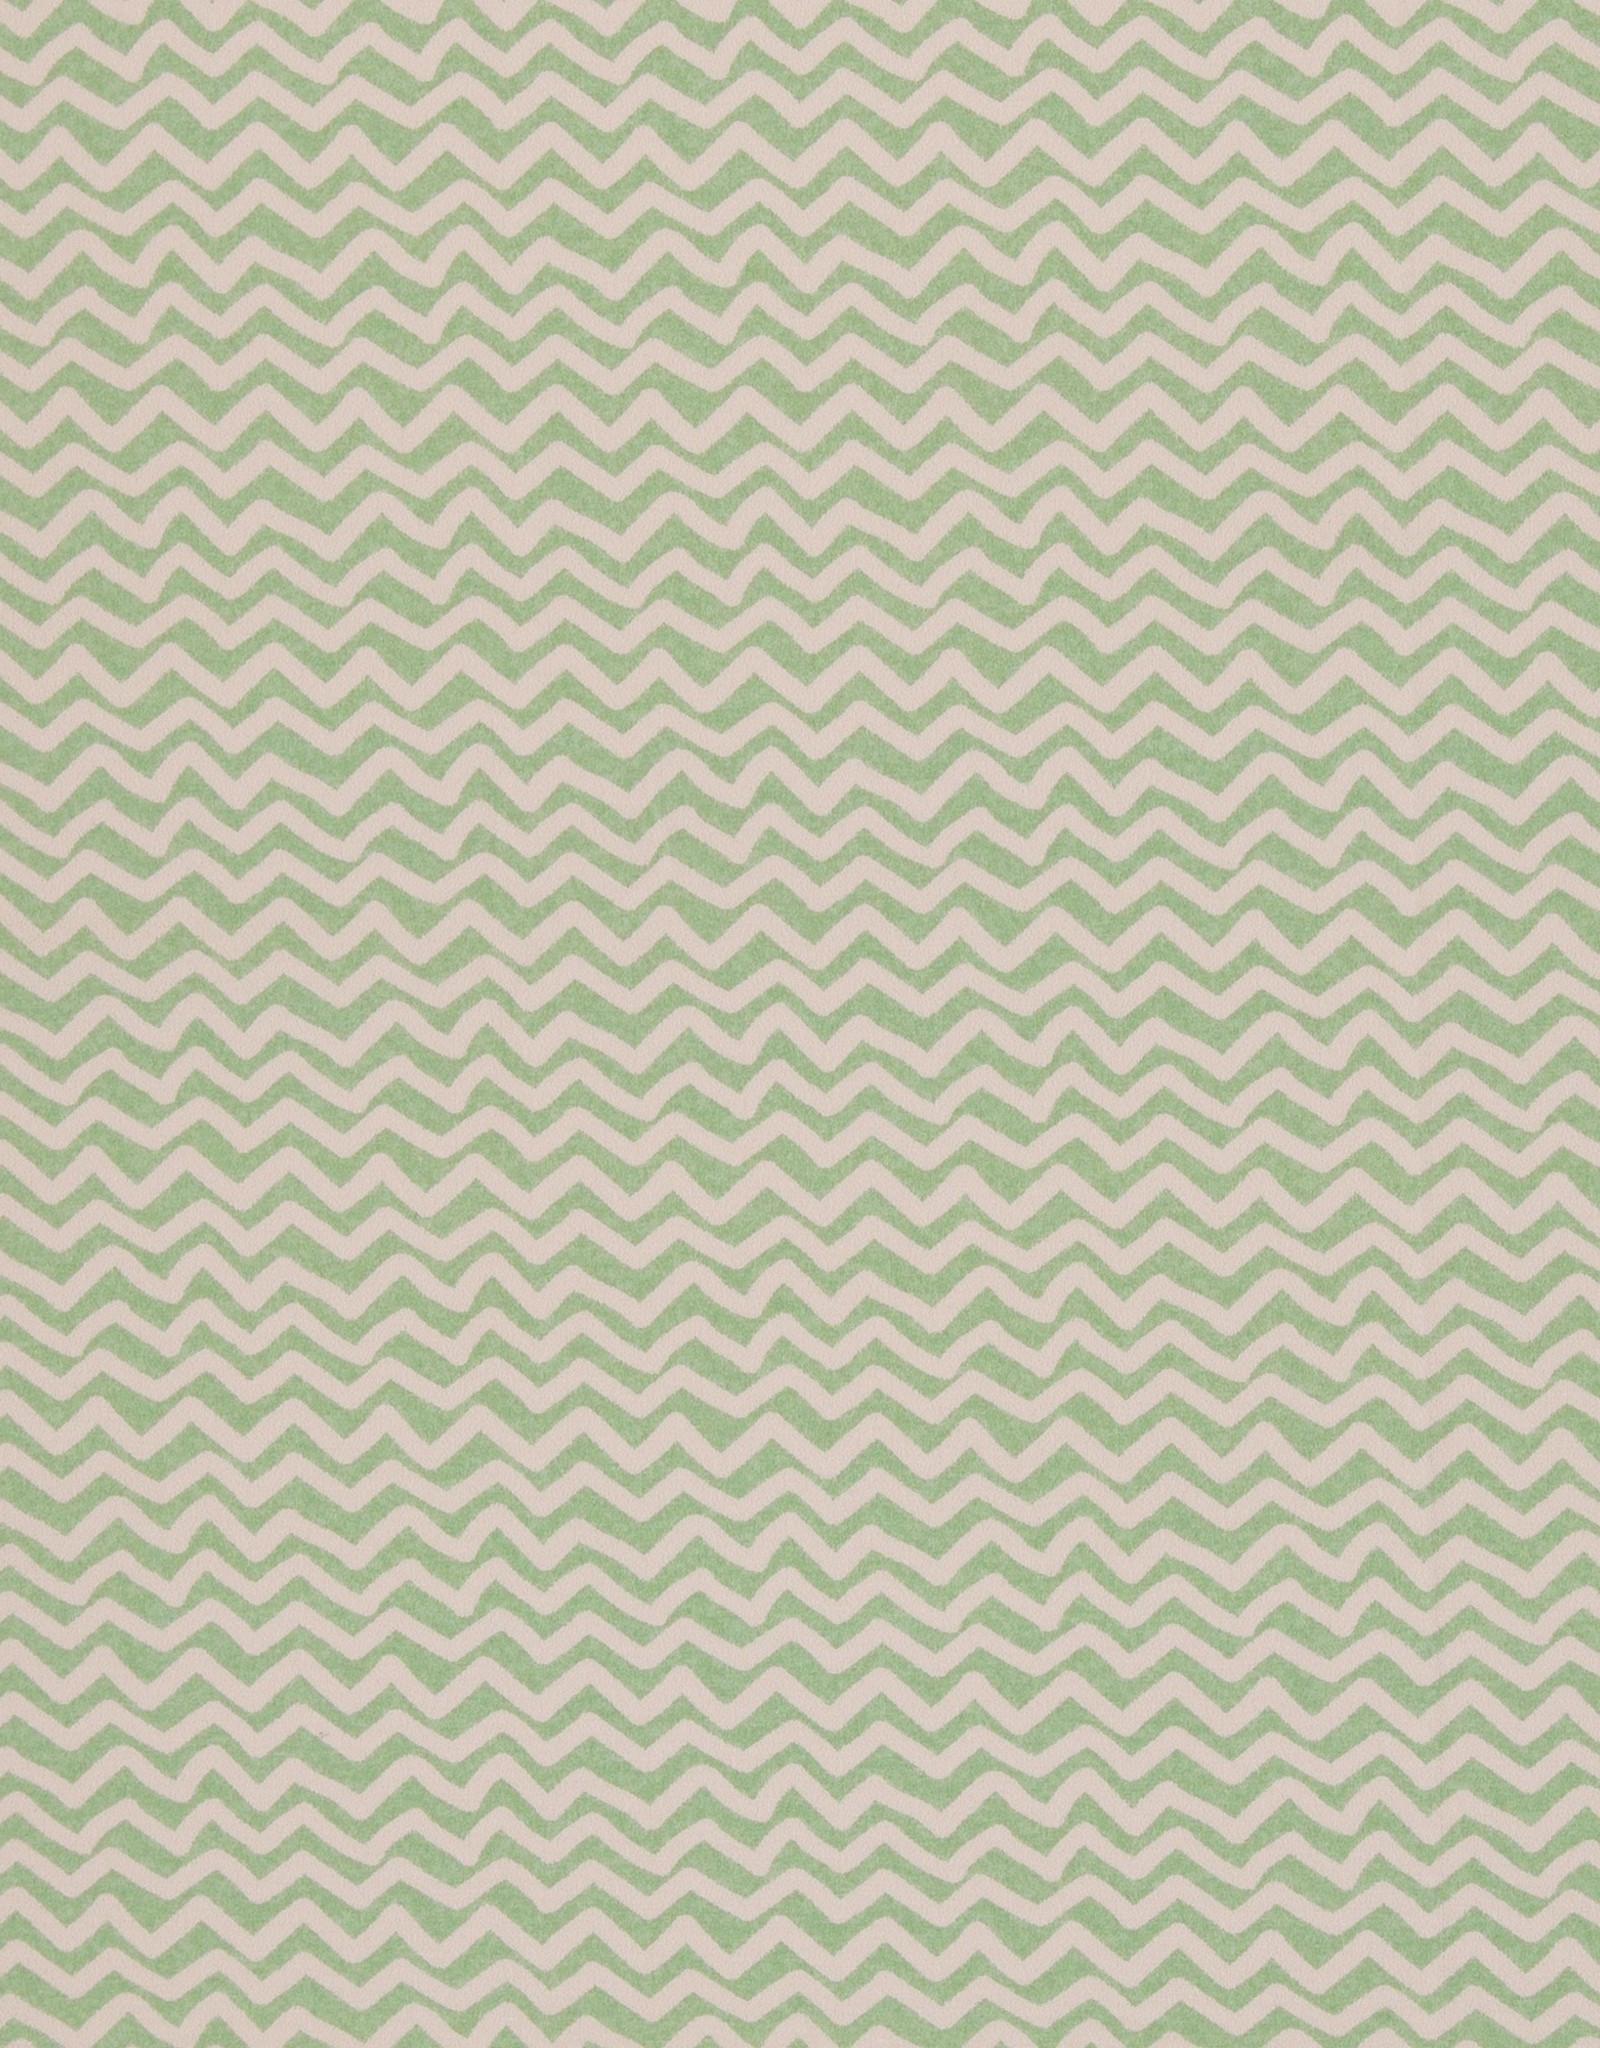 Groen waves